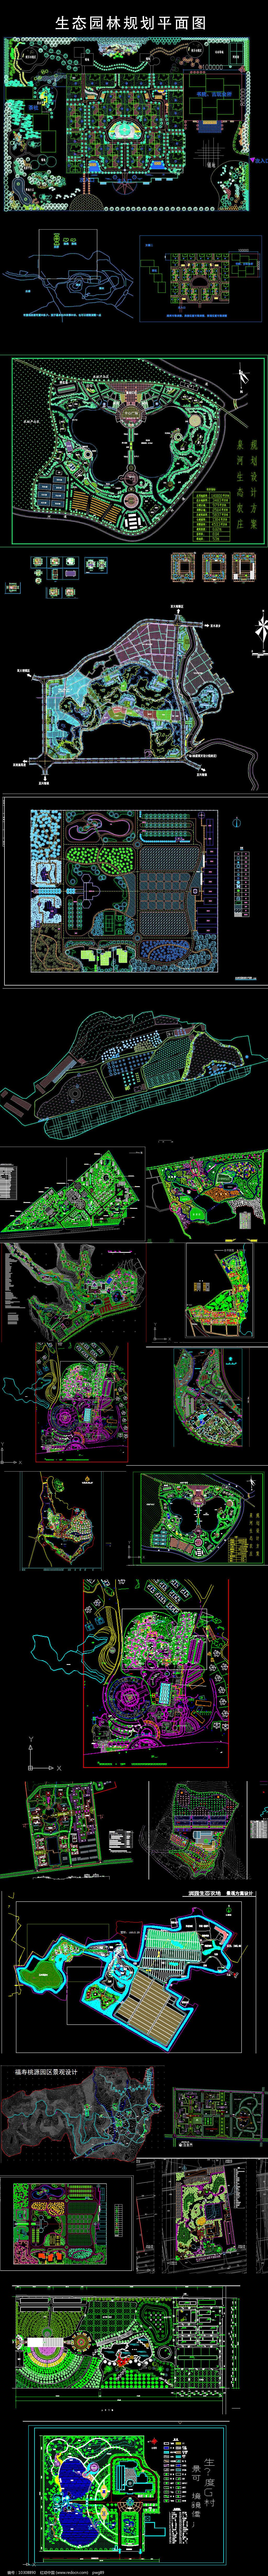 生态园林规划CAD图图片